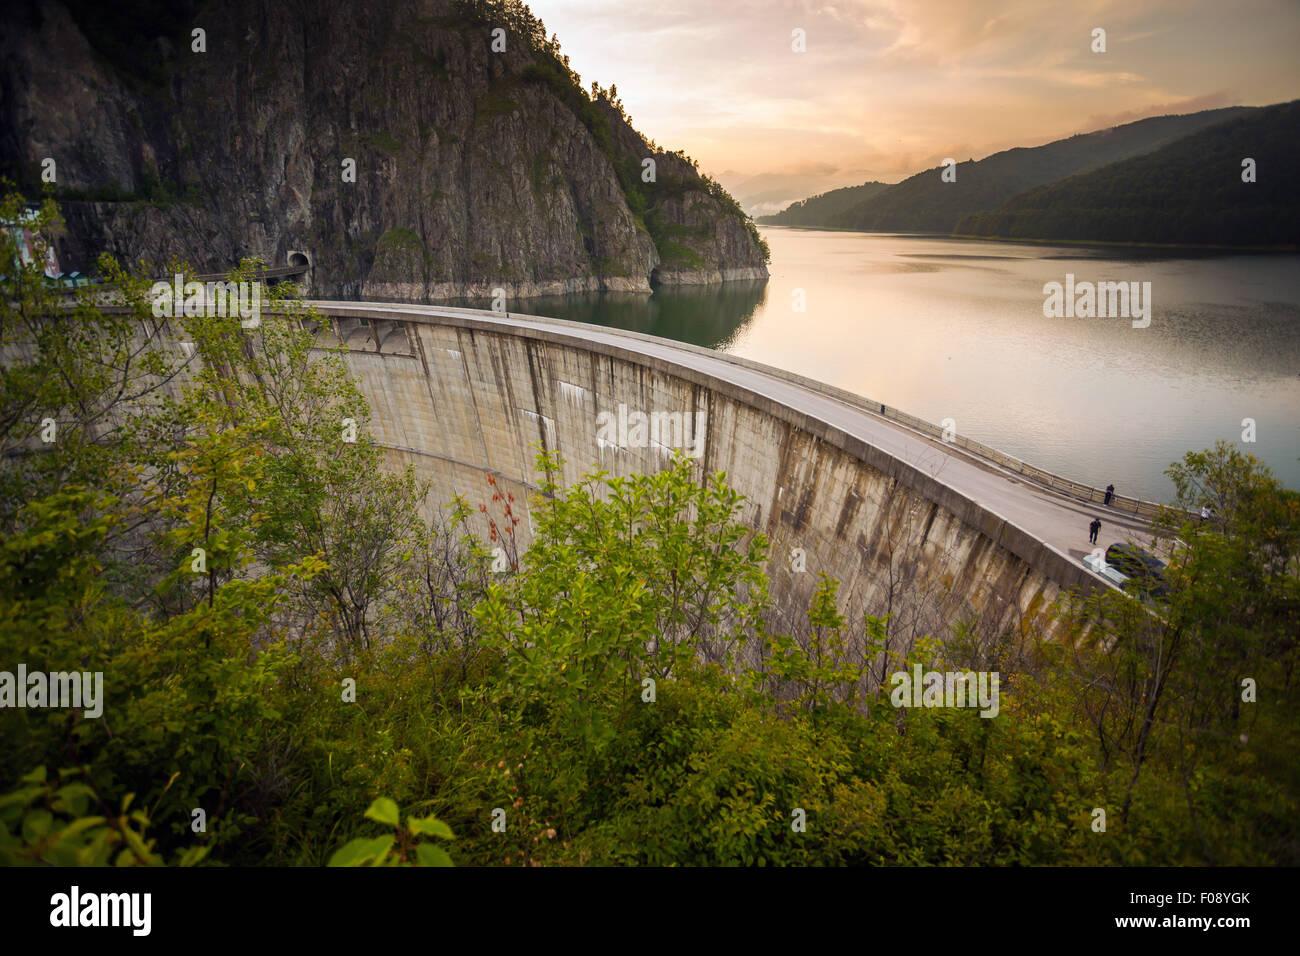 Künstlicher Damm